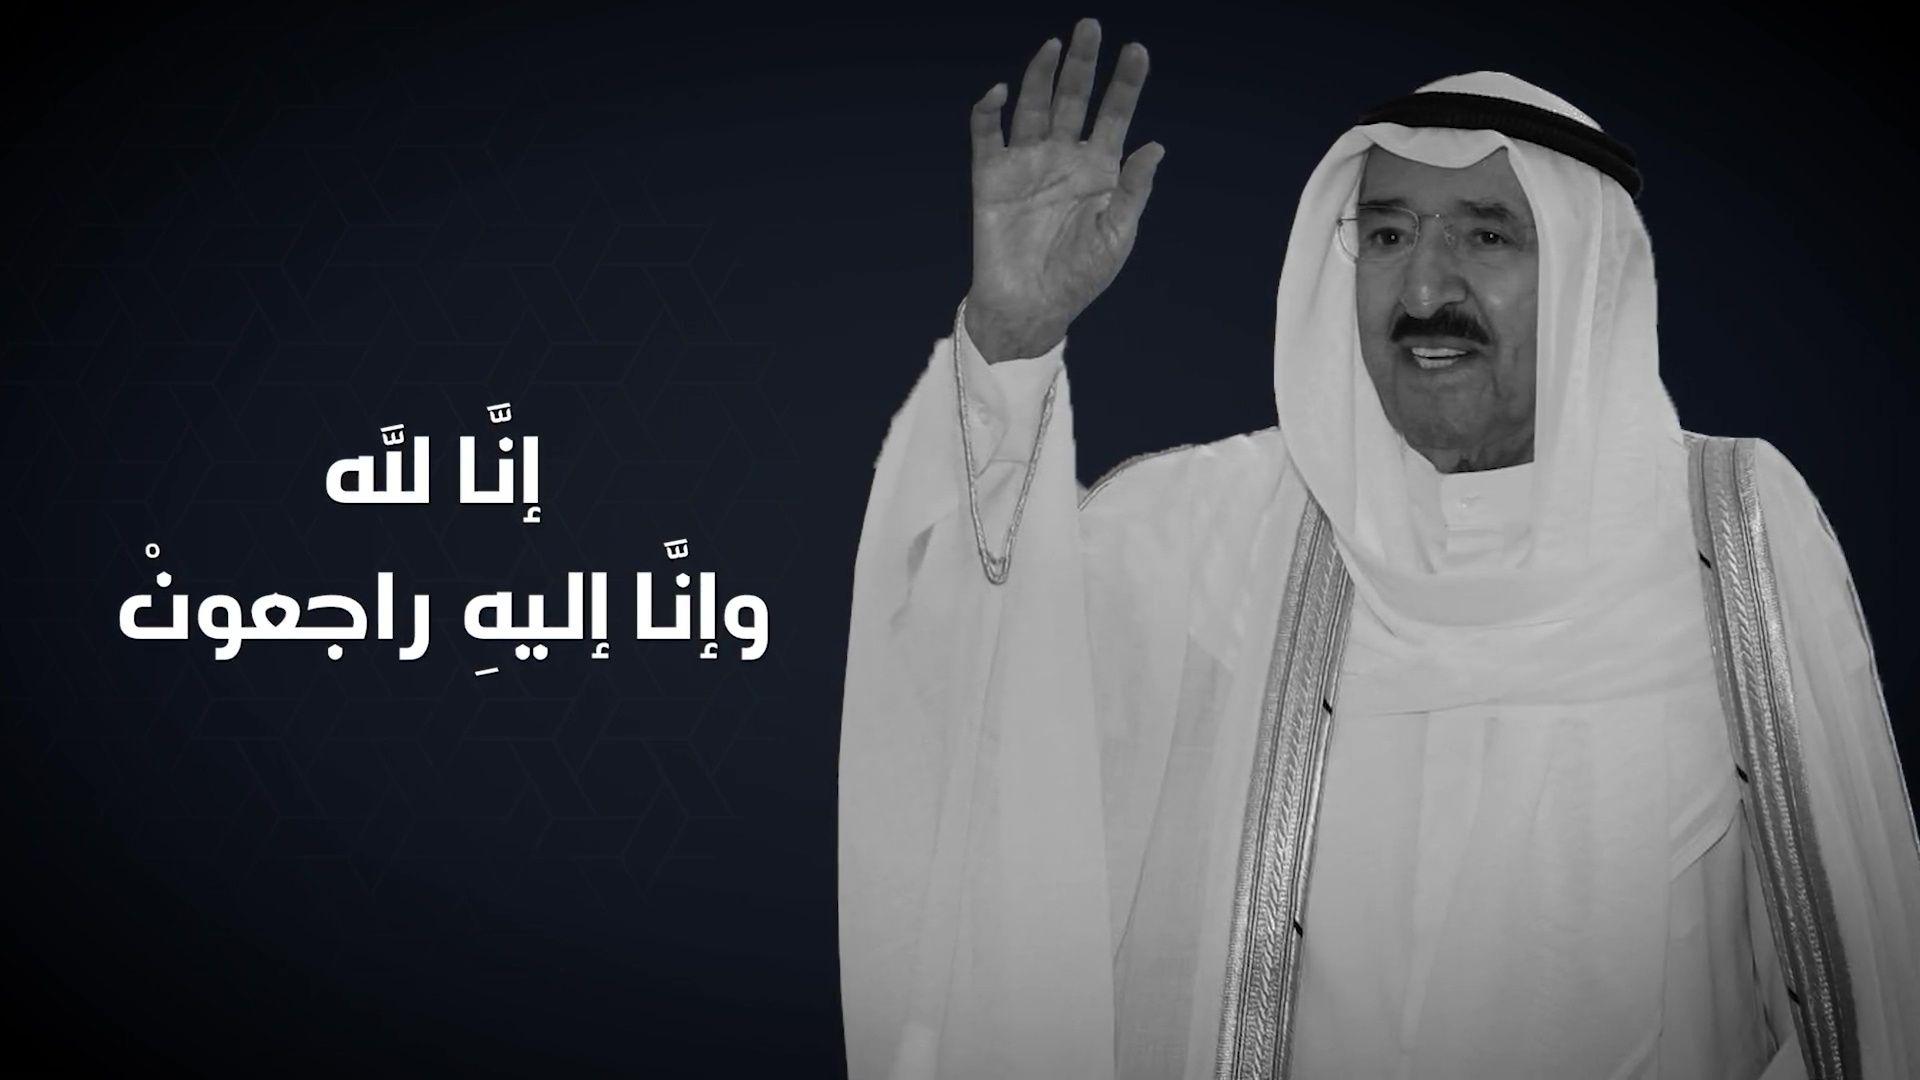 دعاء الشيخ صباح الأحمد الجابر الصباح Movies Movie Posters Poster